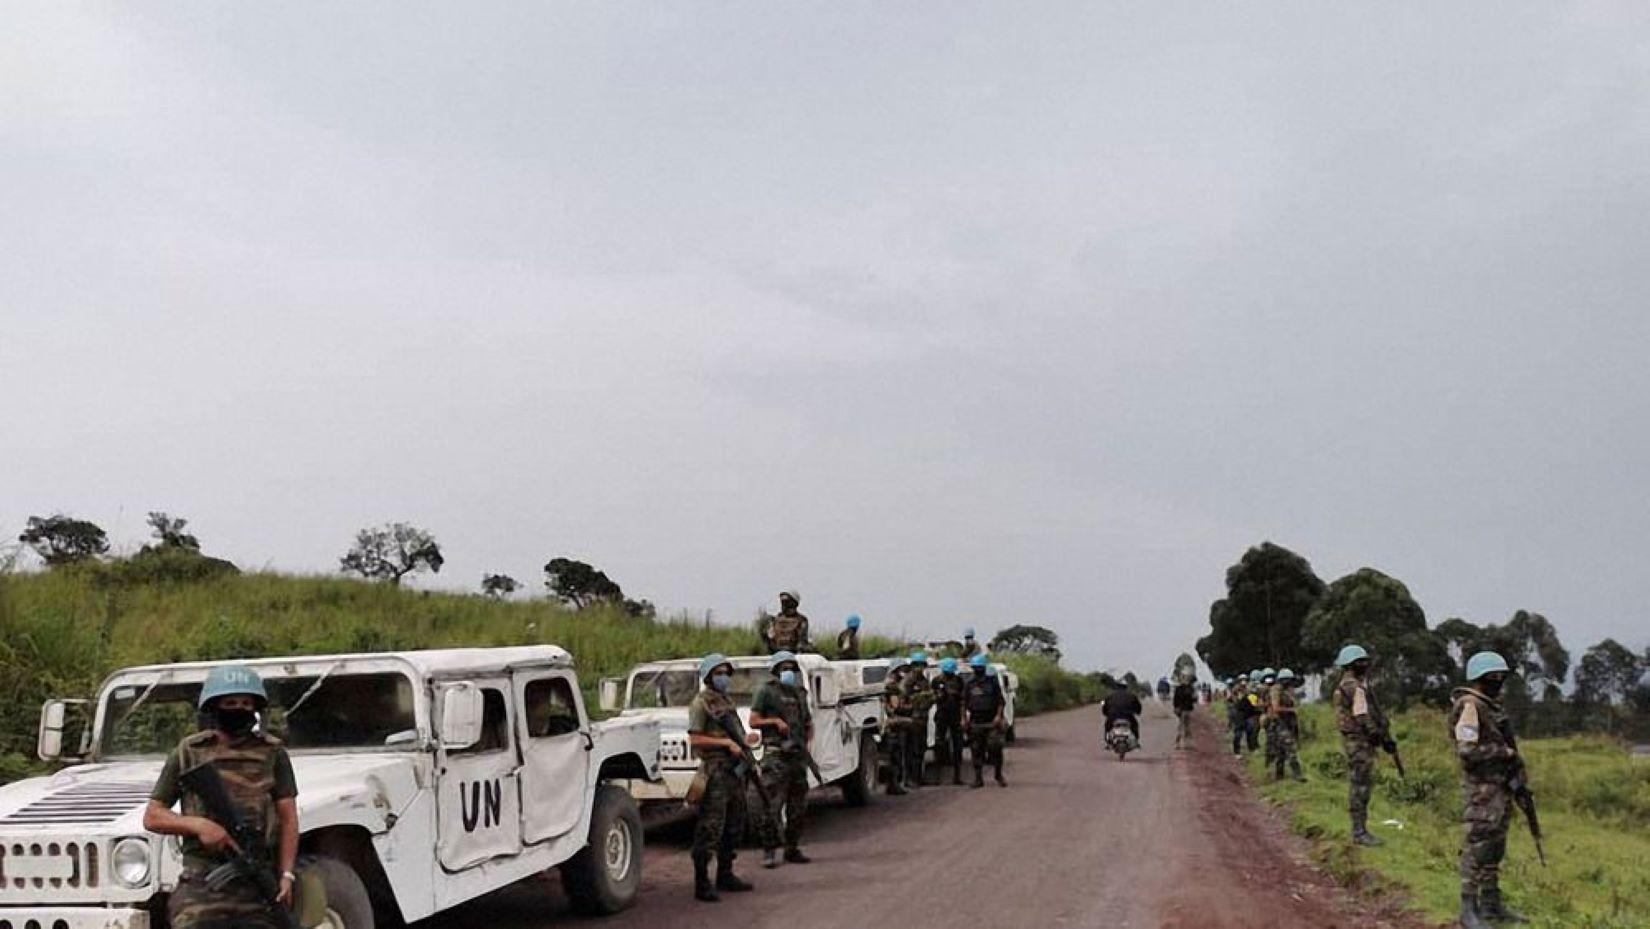 Mort de l'ambassadeur d'Italie en RDC: Kinshasa charge les FDLR, qui rejettent toute accusation